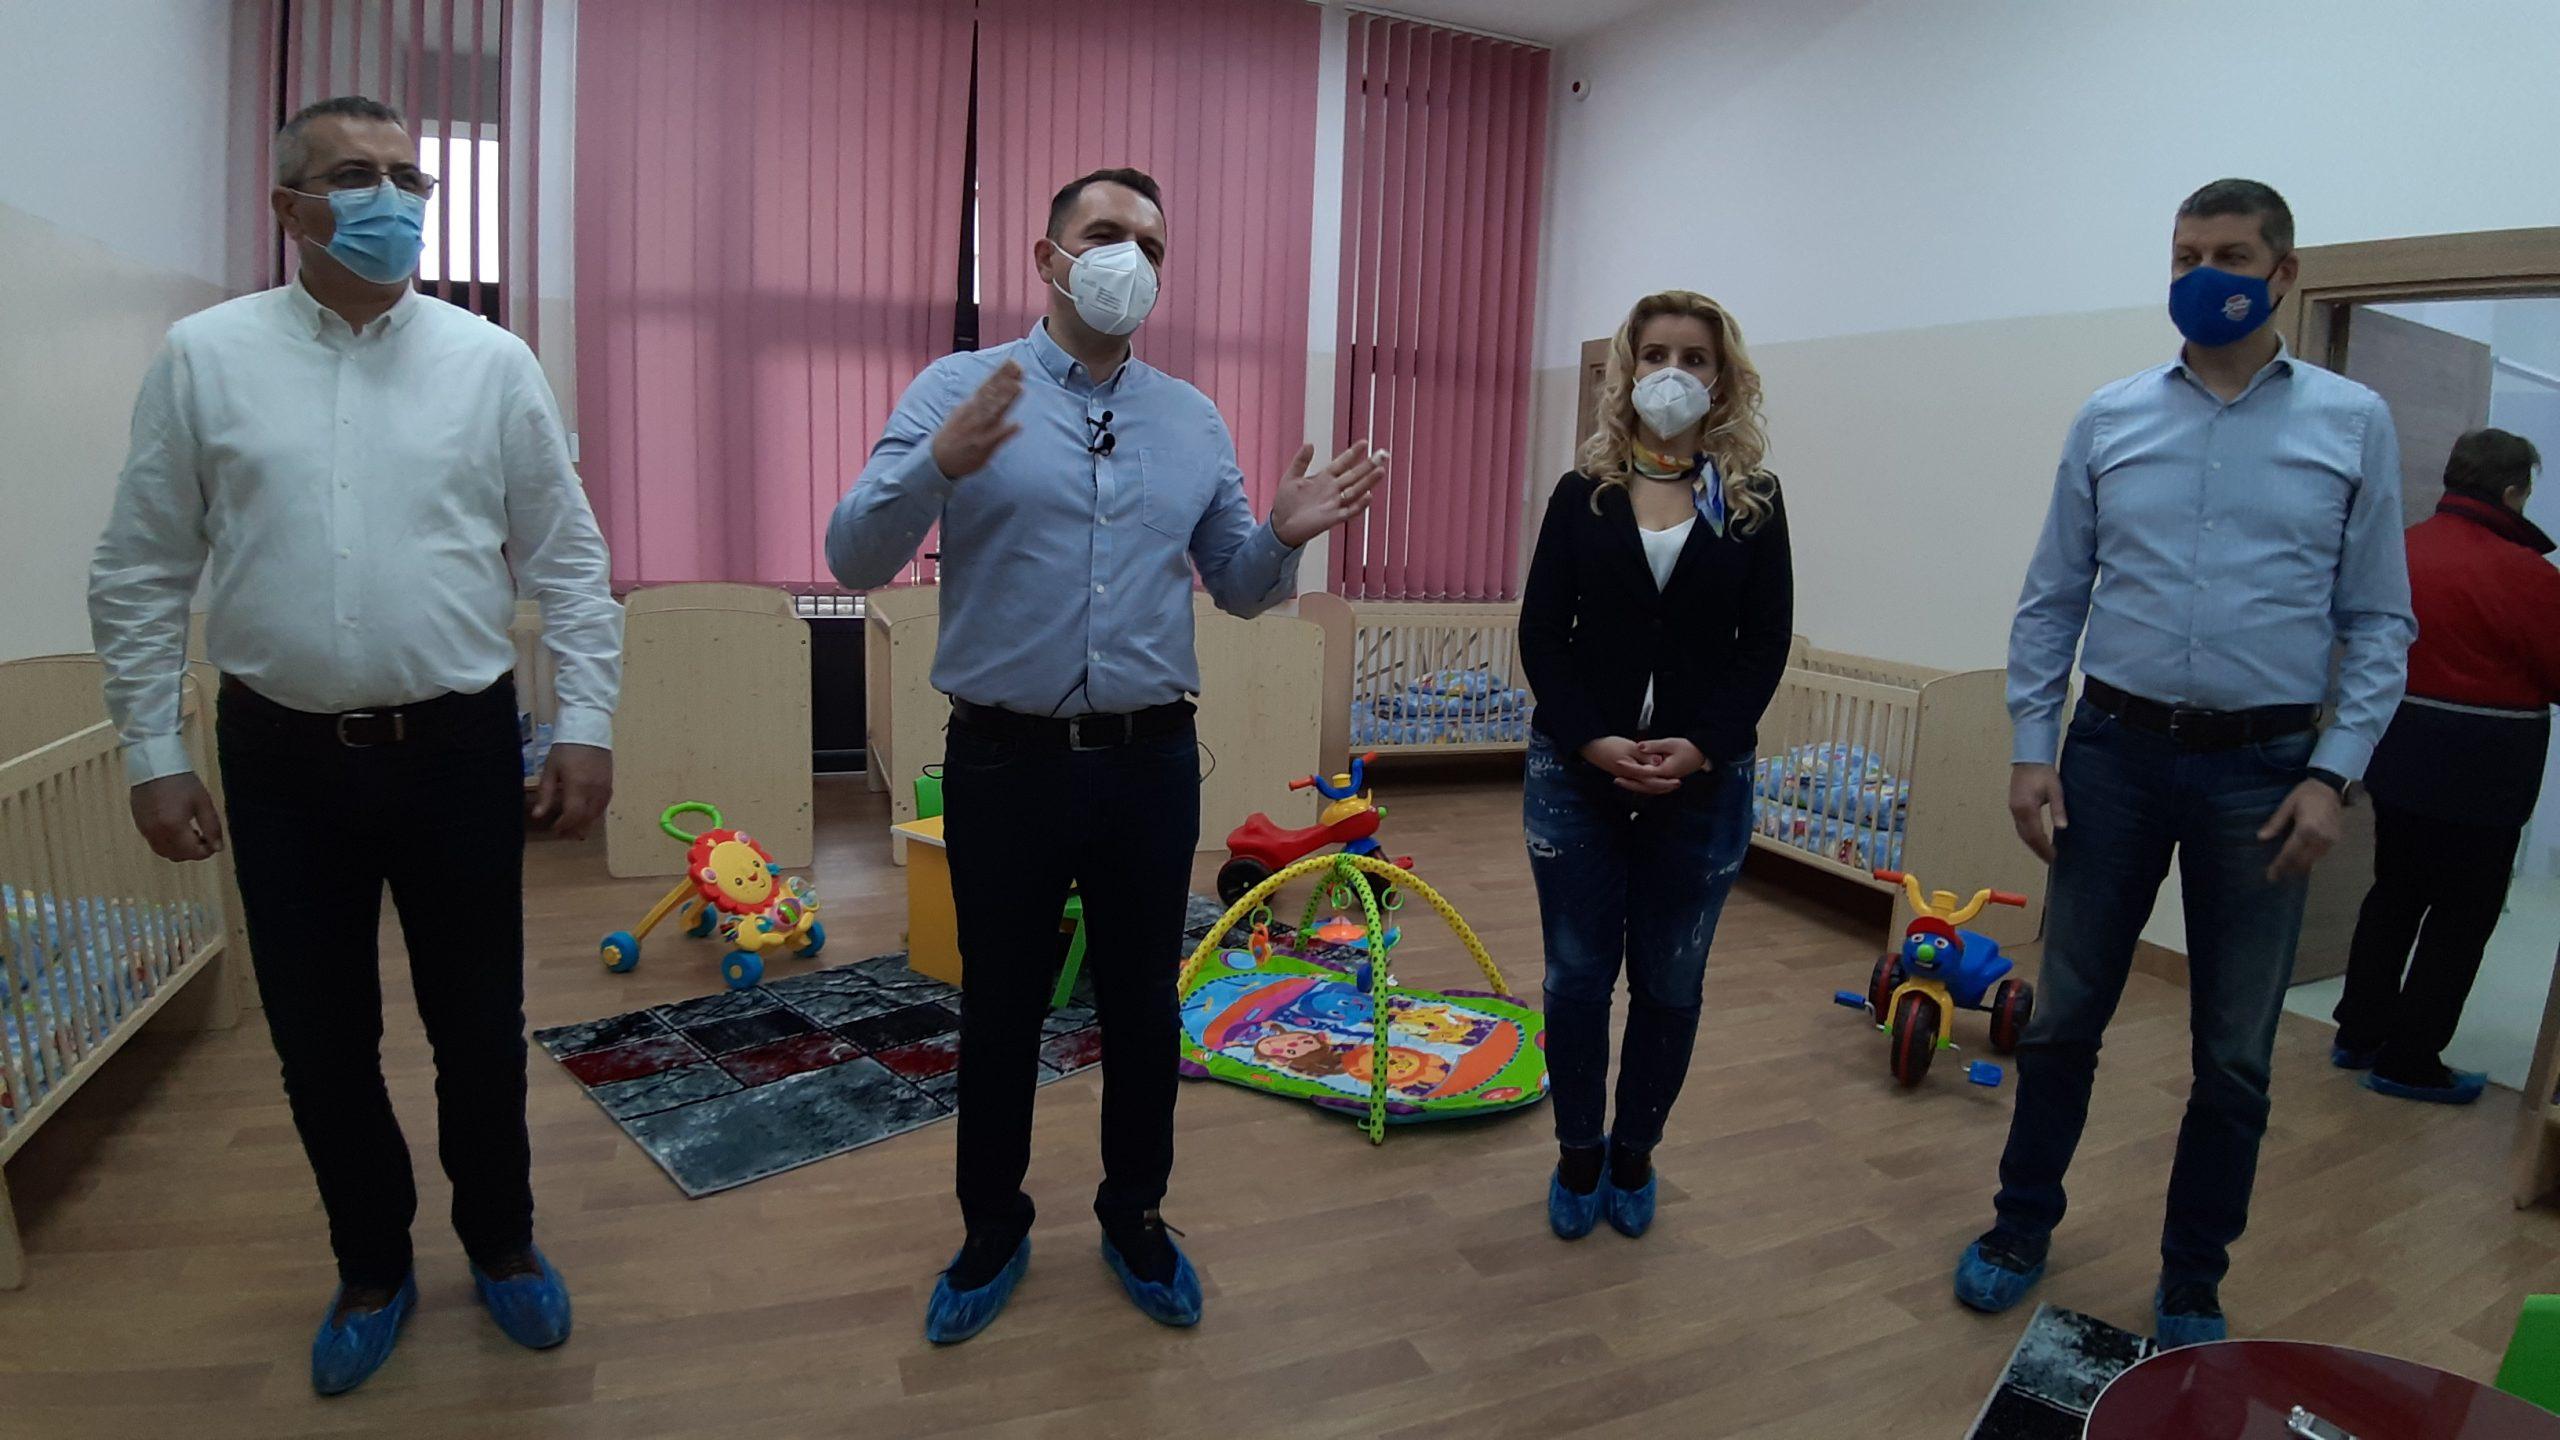 Luni, 23 noiembrie 2020, Creșa Nr. 14 din  Târgoviște, se redeschide